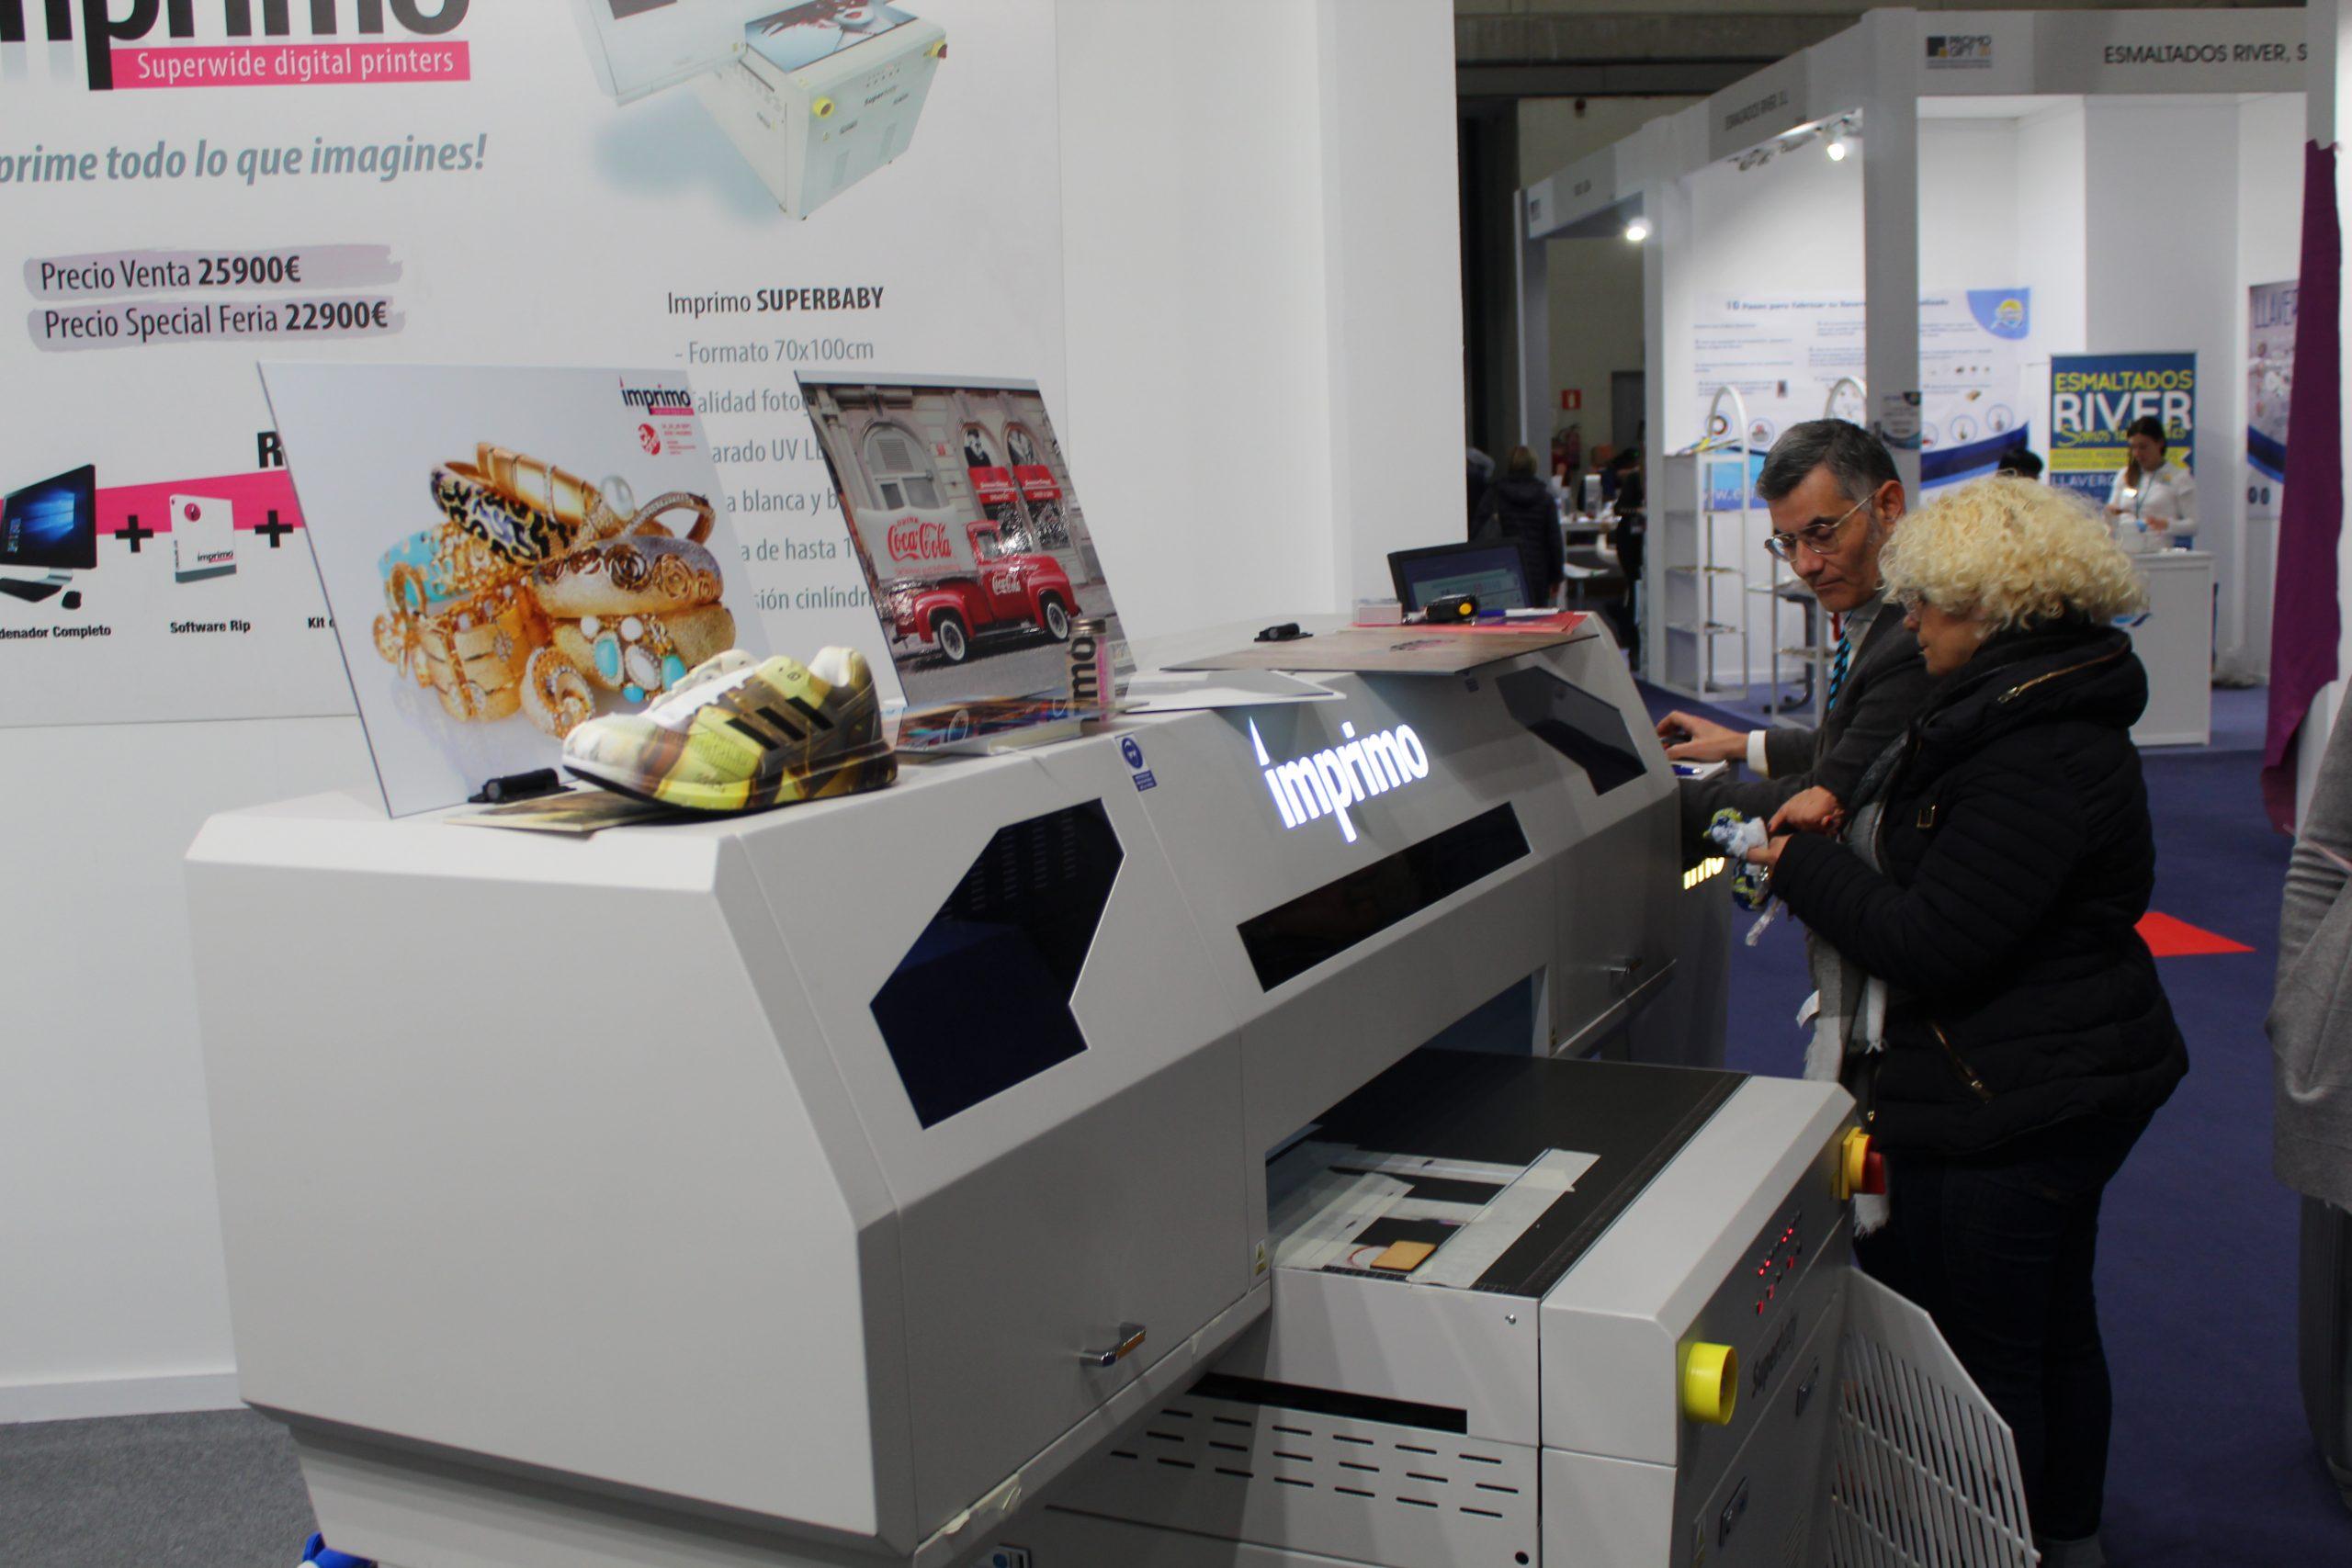 Funcionamiento de la impresora Superbaby de Imprimo